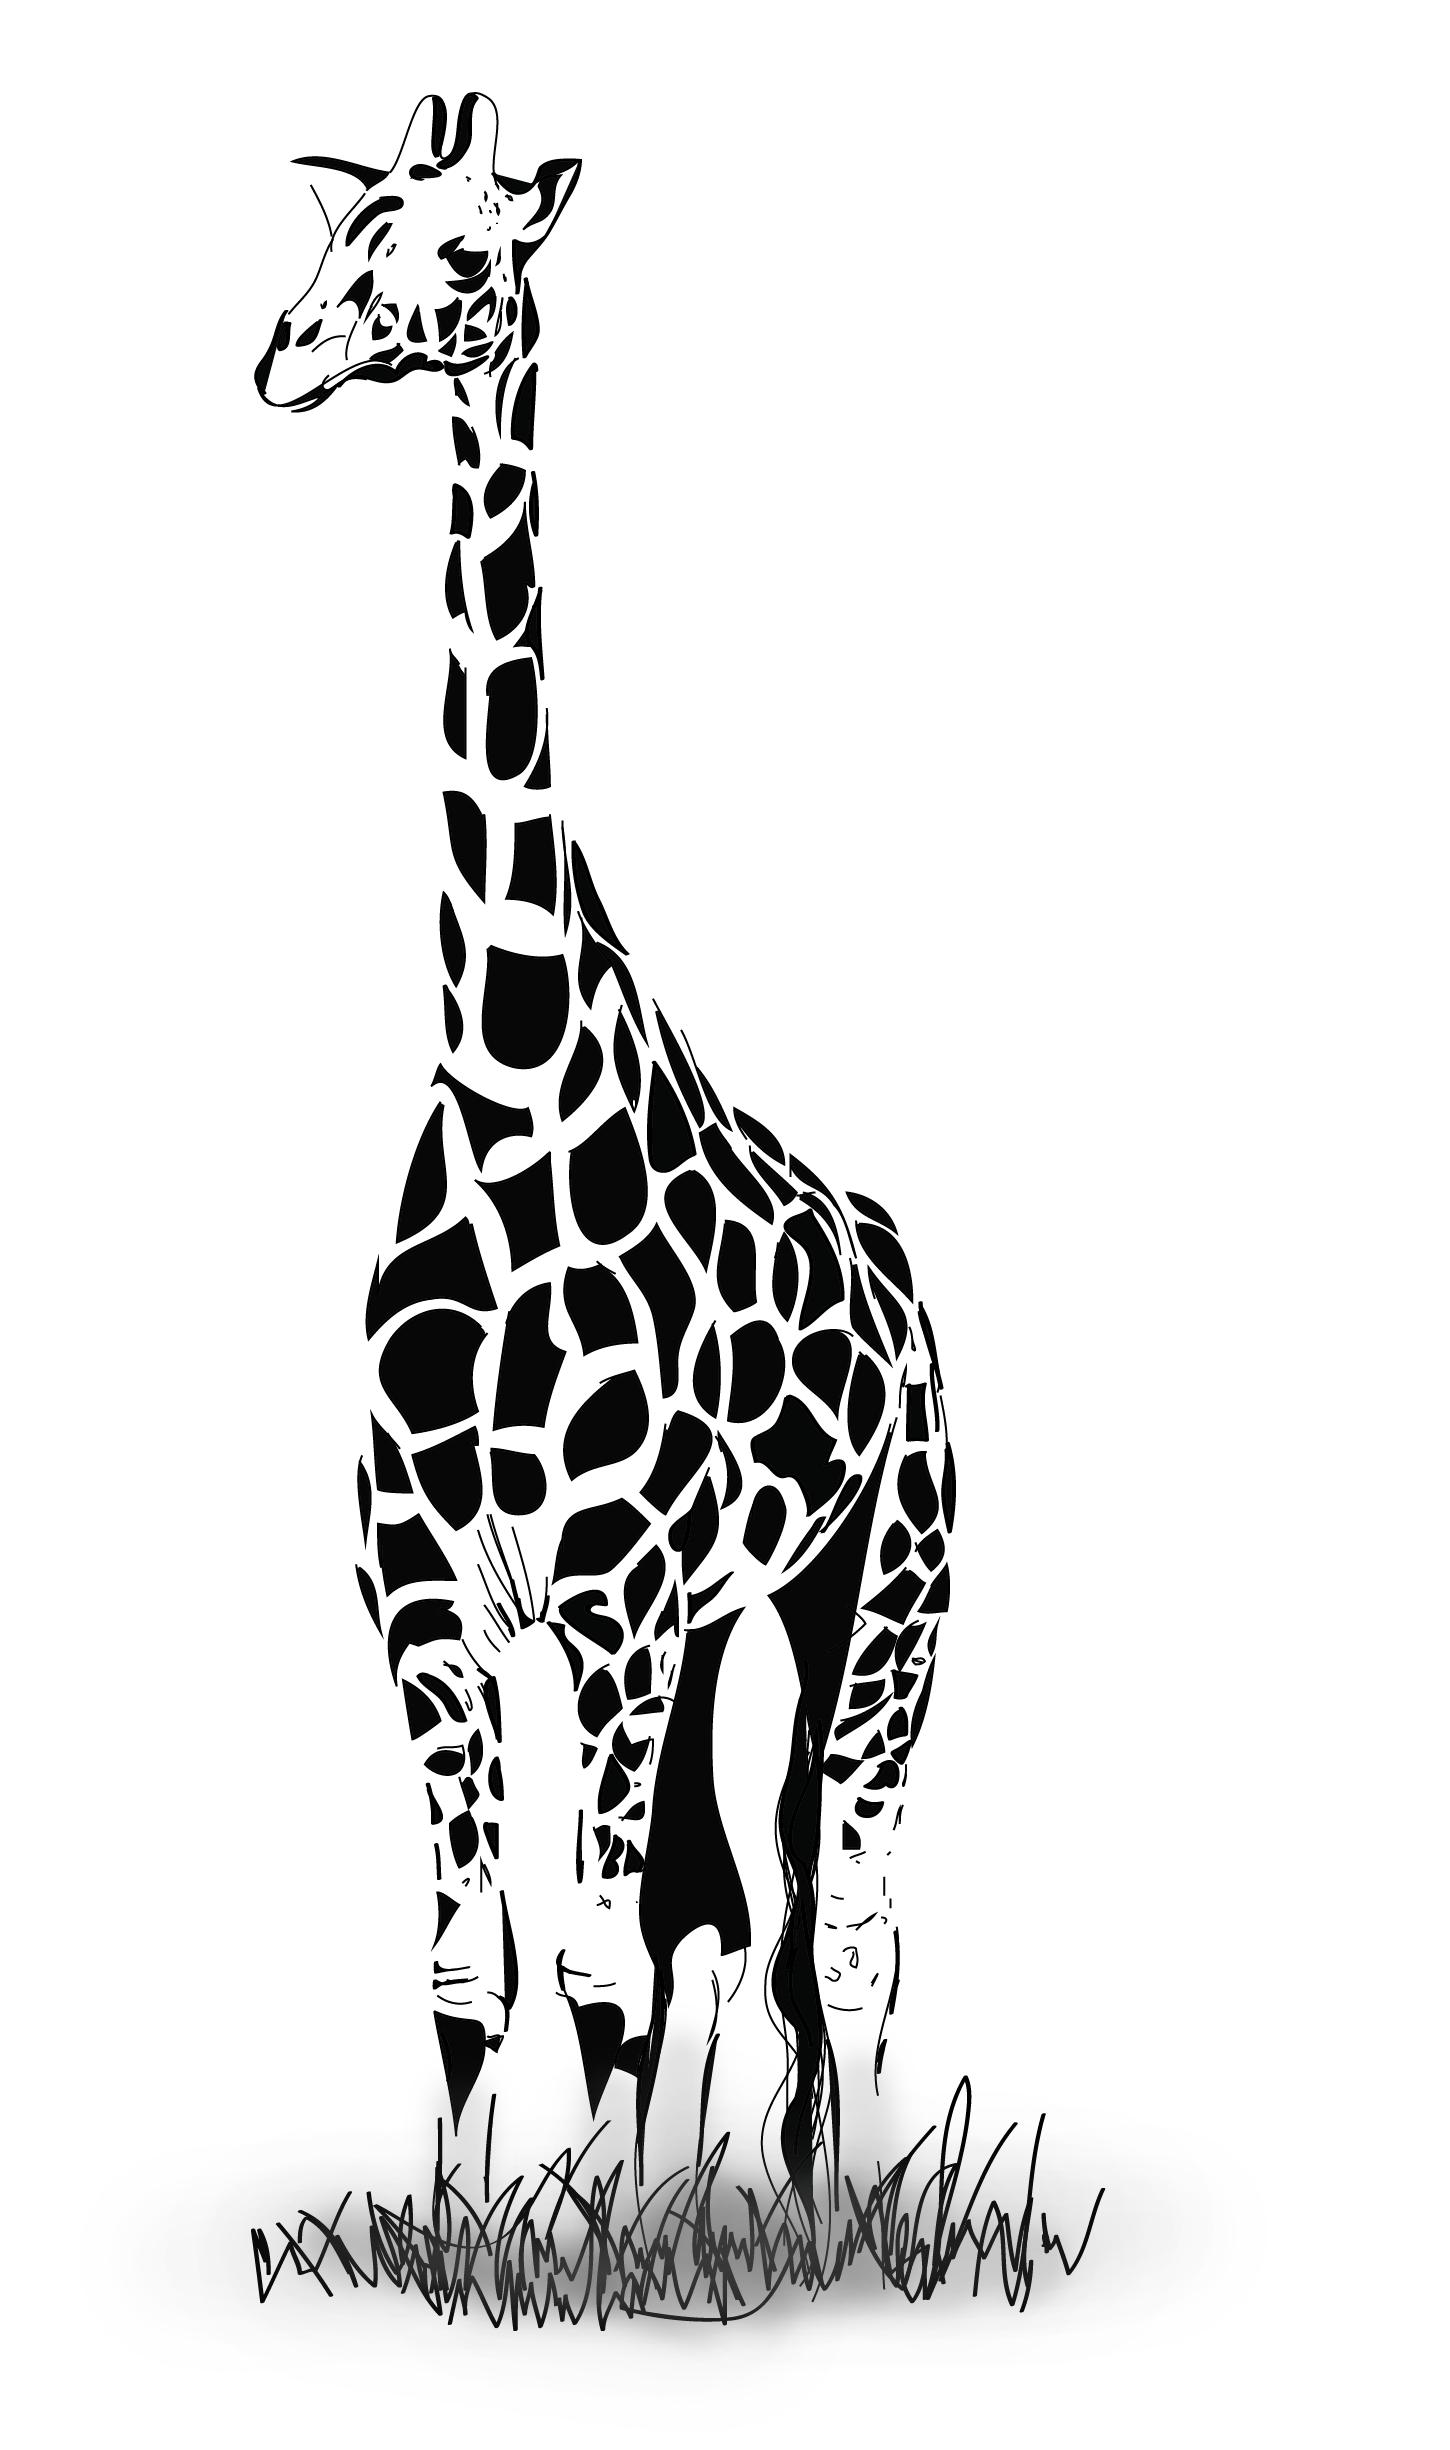 How To Draw A Vector Giraffe In Adobe Illustrator By Jasminasusak Deviantart Com On Deviantart Giraffe Art Giraffe Illustration Giraffe Drawing